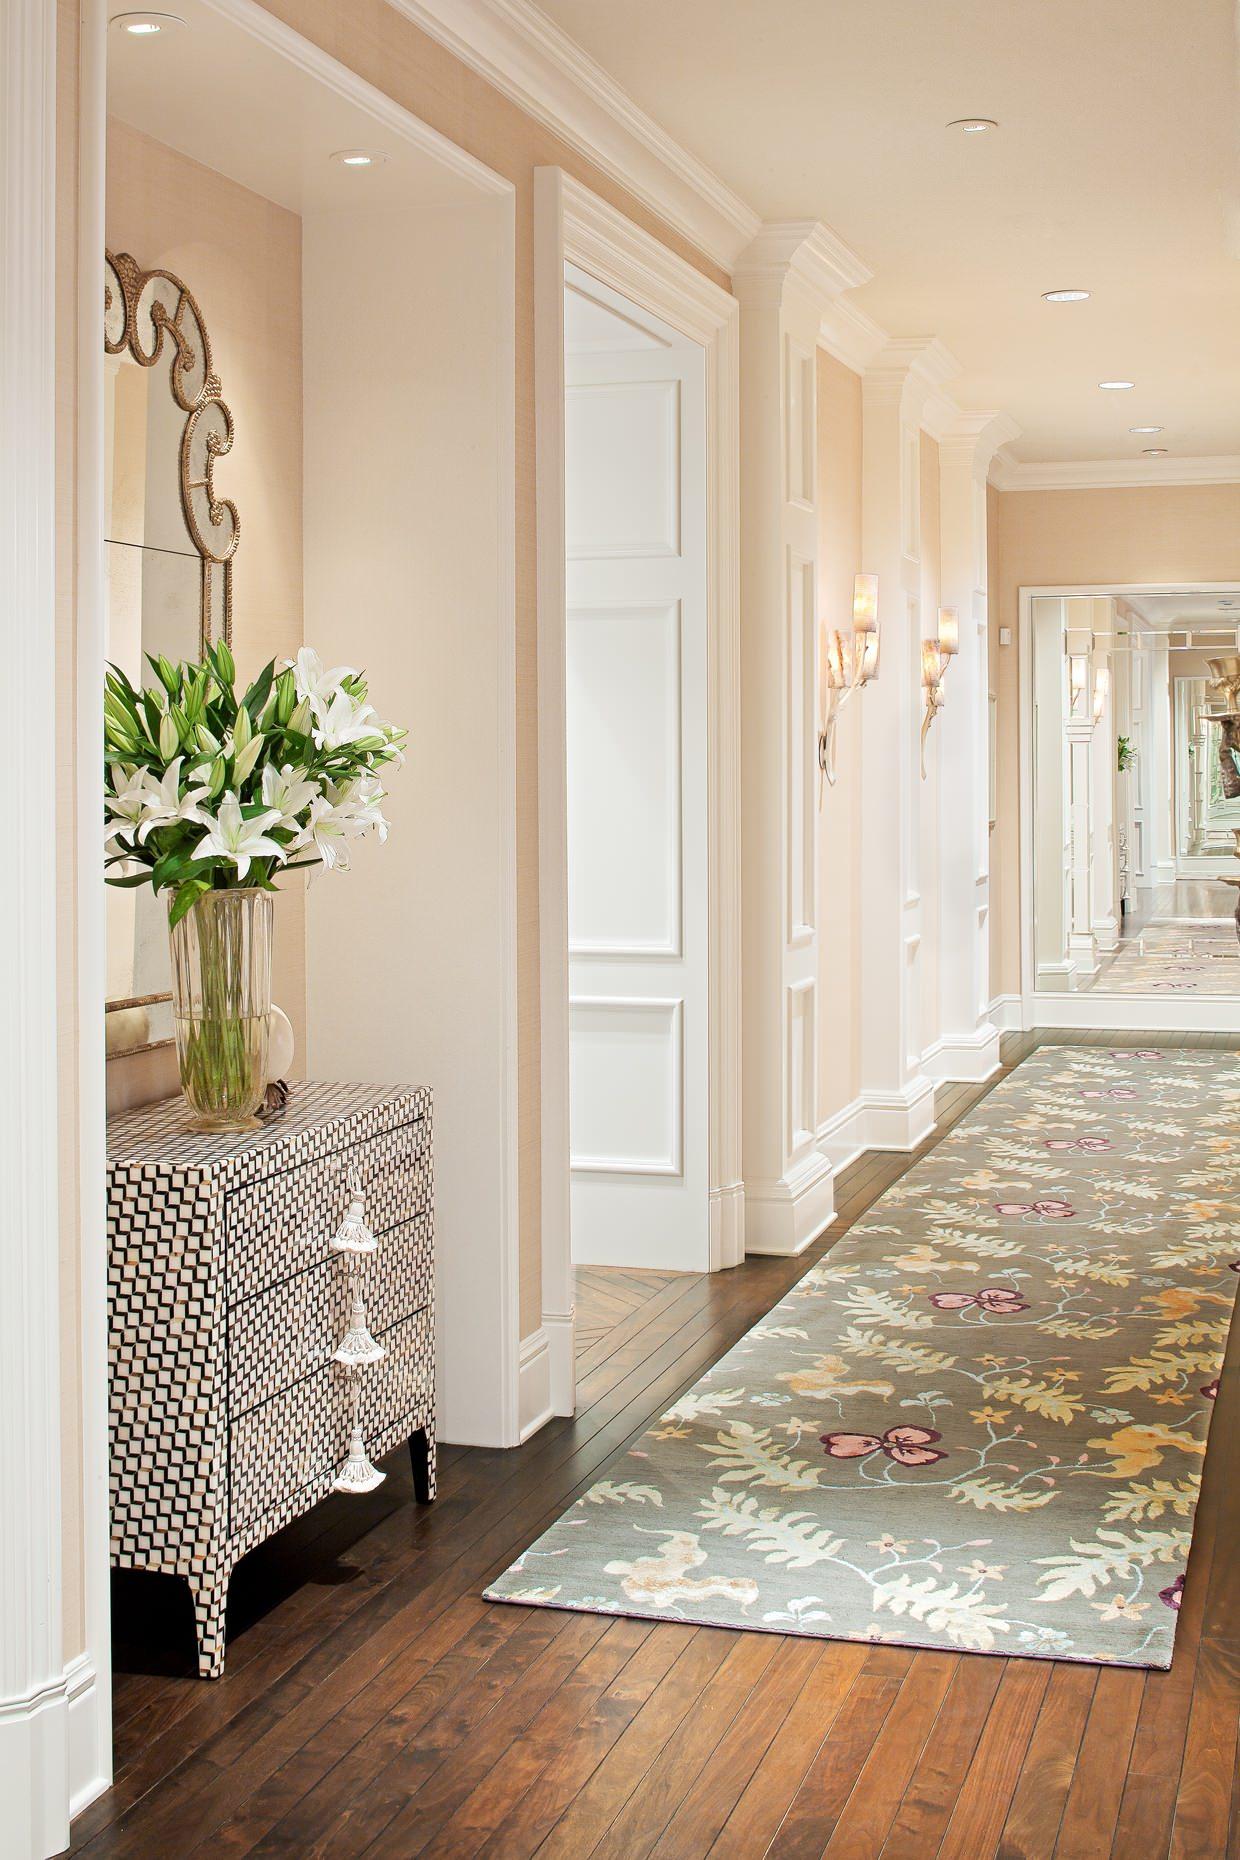 Ways To Decorate A Narrow Hallway Shoproomideas Ways To Decorate A Narrow  Hallway ShoproomideasNarrow Hallway Wall Decorating Ideas   Ideasidea. Narrow Hallway Wall Decorating Ideas. Home Design Ideas